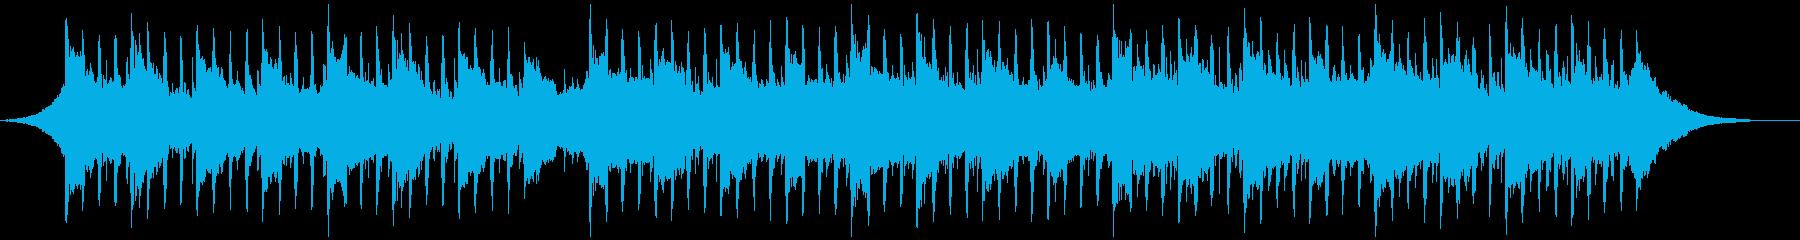 ソフトインタビュー(60秒)の再生済みの波形